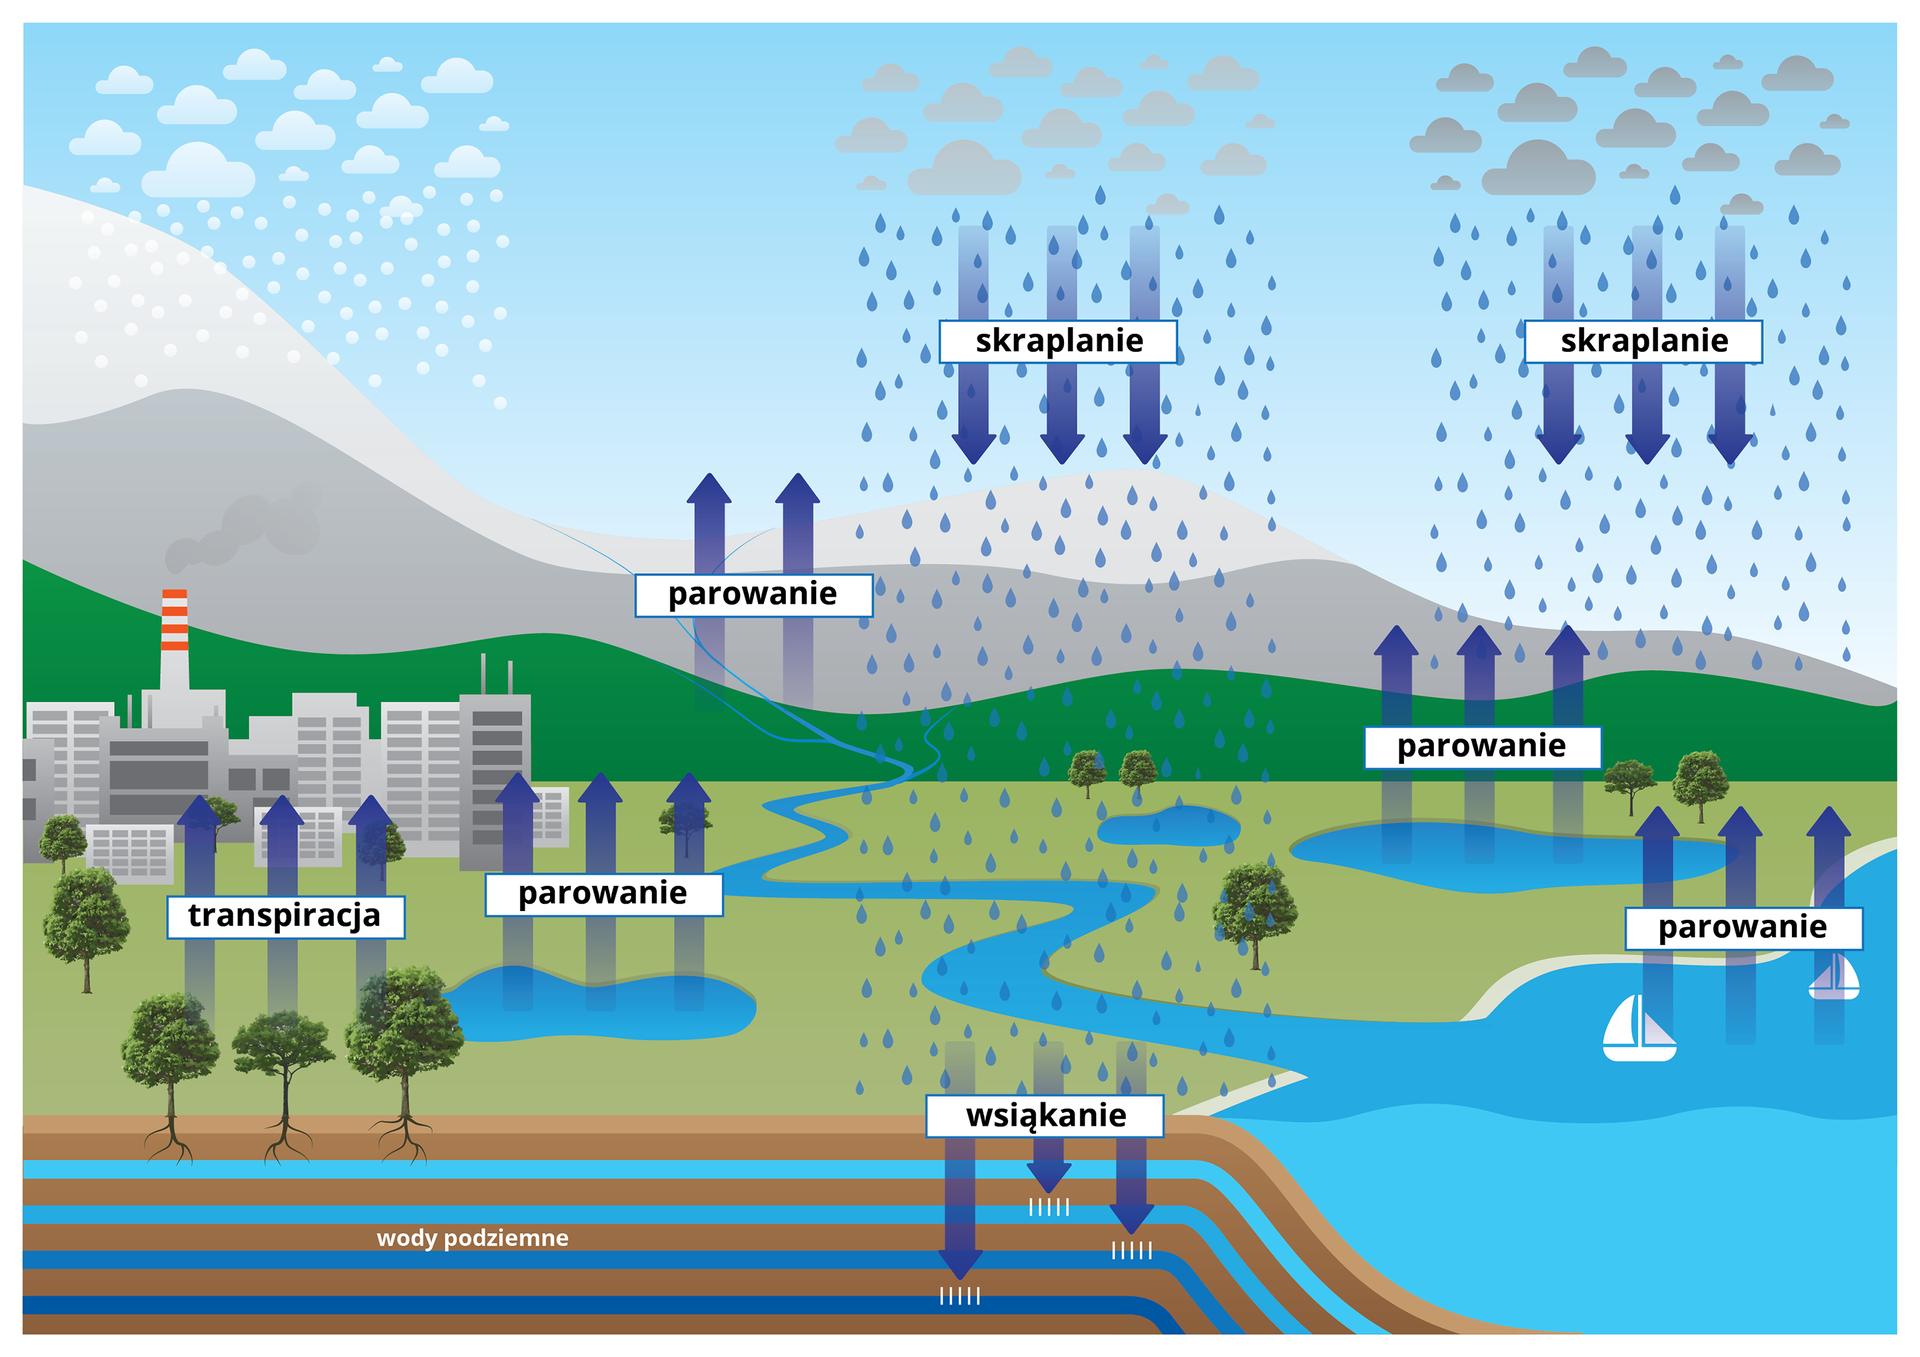 Krążenie wody wprzyrodzieIlustracja przedstawia schemat krążenia wody wprzyrodzie. Wtle znajdują się szare góry, zktórych spływa niebieska rzeka. Obok zlewej kilka budynków symbolizuje miasto, niebieska plama to zbiornik wodny, aprzed nim zielone drzewa zkorzeniami. Ze zbiornika woda paruje, azroślin transpiruje. Korzenie znajdują się wglebie, gdzie sięgają niebieskich pasków wody podziemnej. Zprawej jest niebieskie może zbiałymi żaglówkami. Zjego powierzchni też następuje parowanie (strzałki wgórę). Zchmur opada deszcz iśnieg, czyli jest to skraplanie, uzupełniające zasoby wody wzbiornikach powierzchniowych. Część wody wsiąka wgrunt, uzupełniając zasoby wód podziemnych.